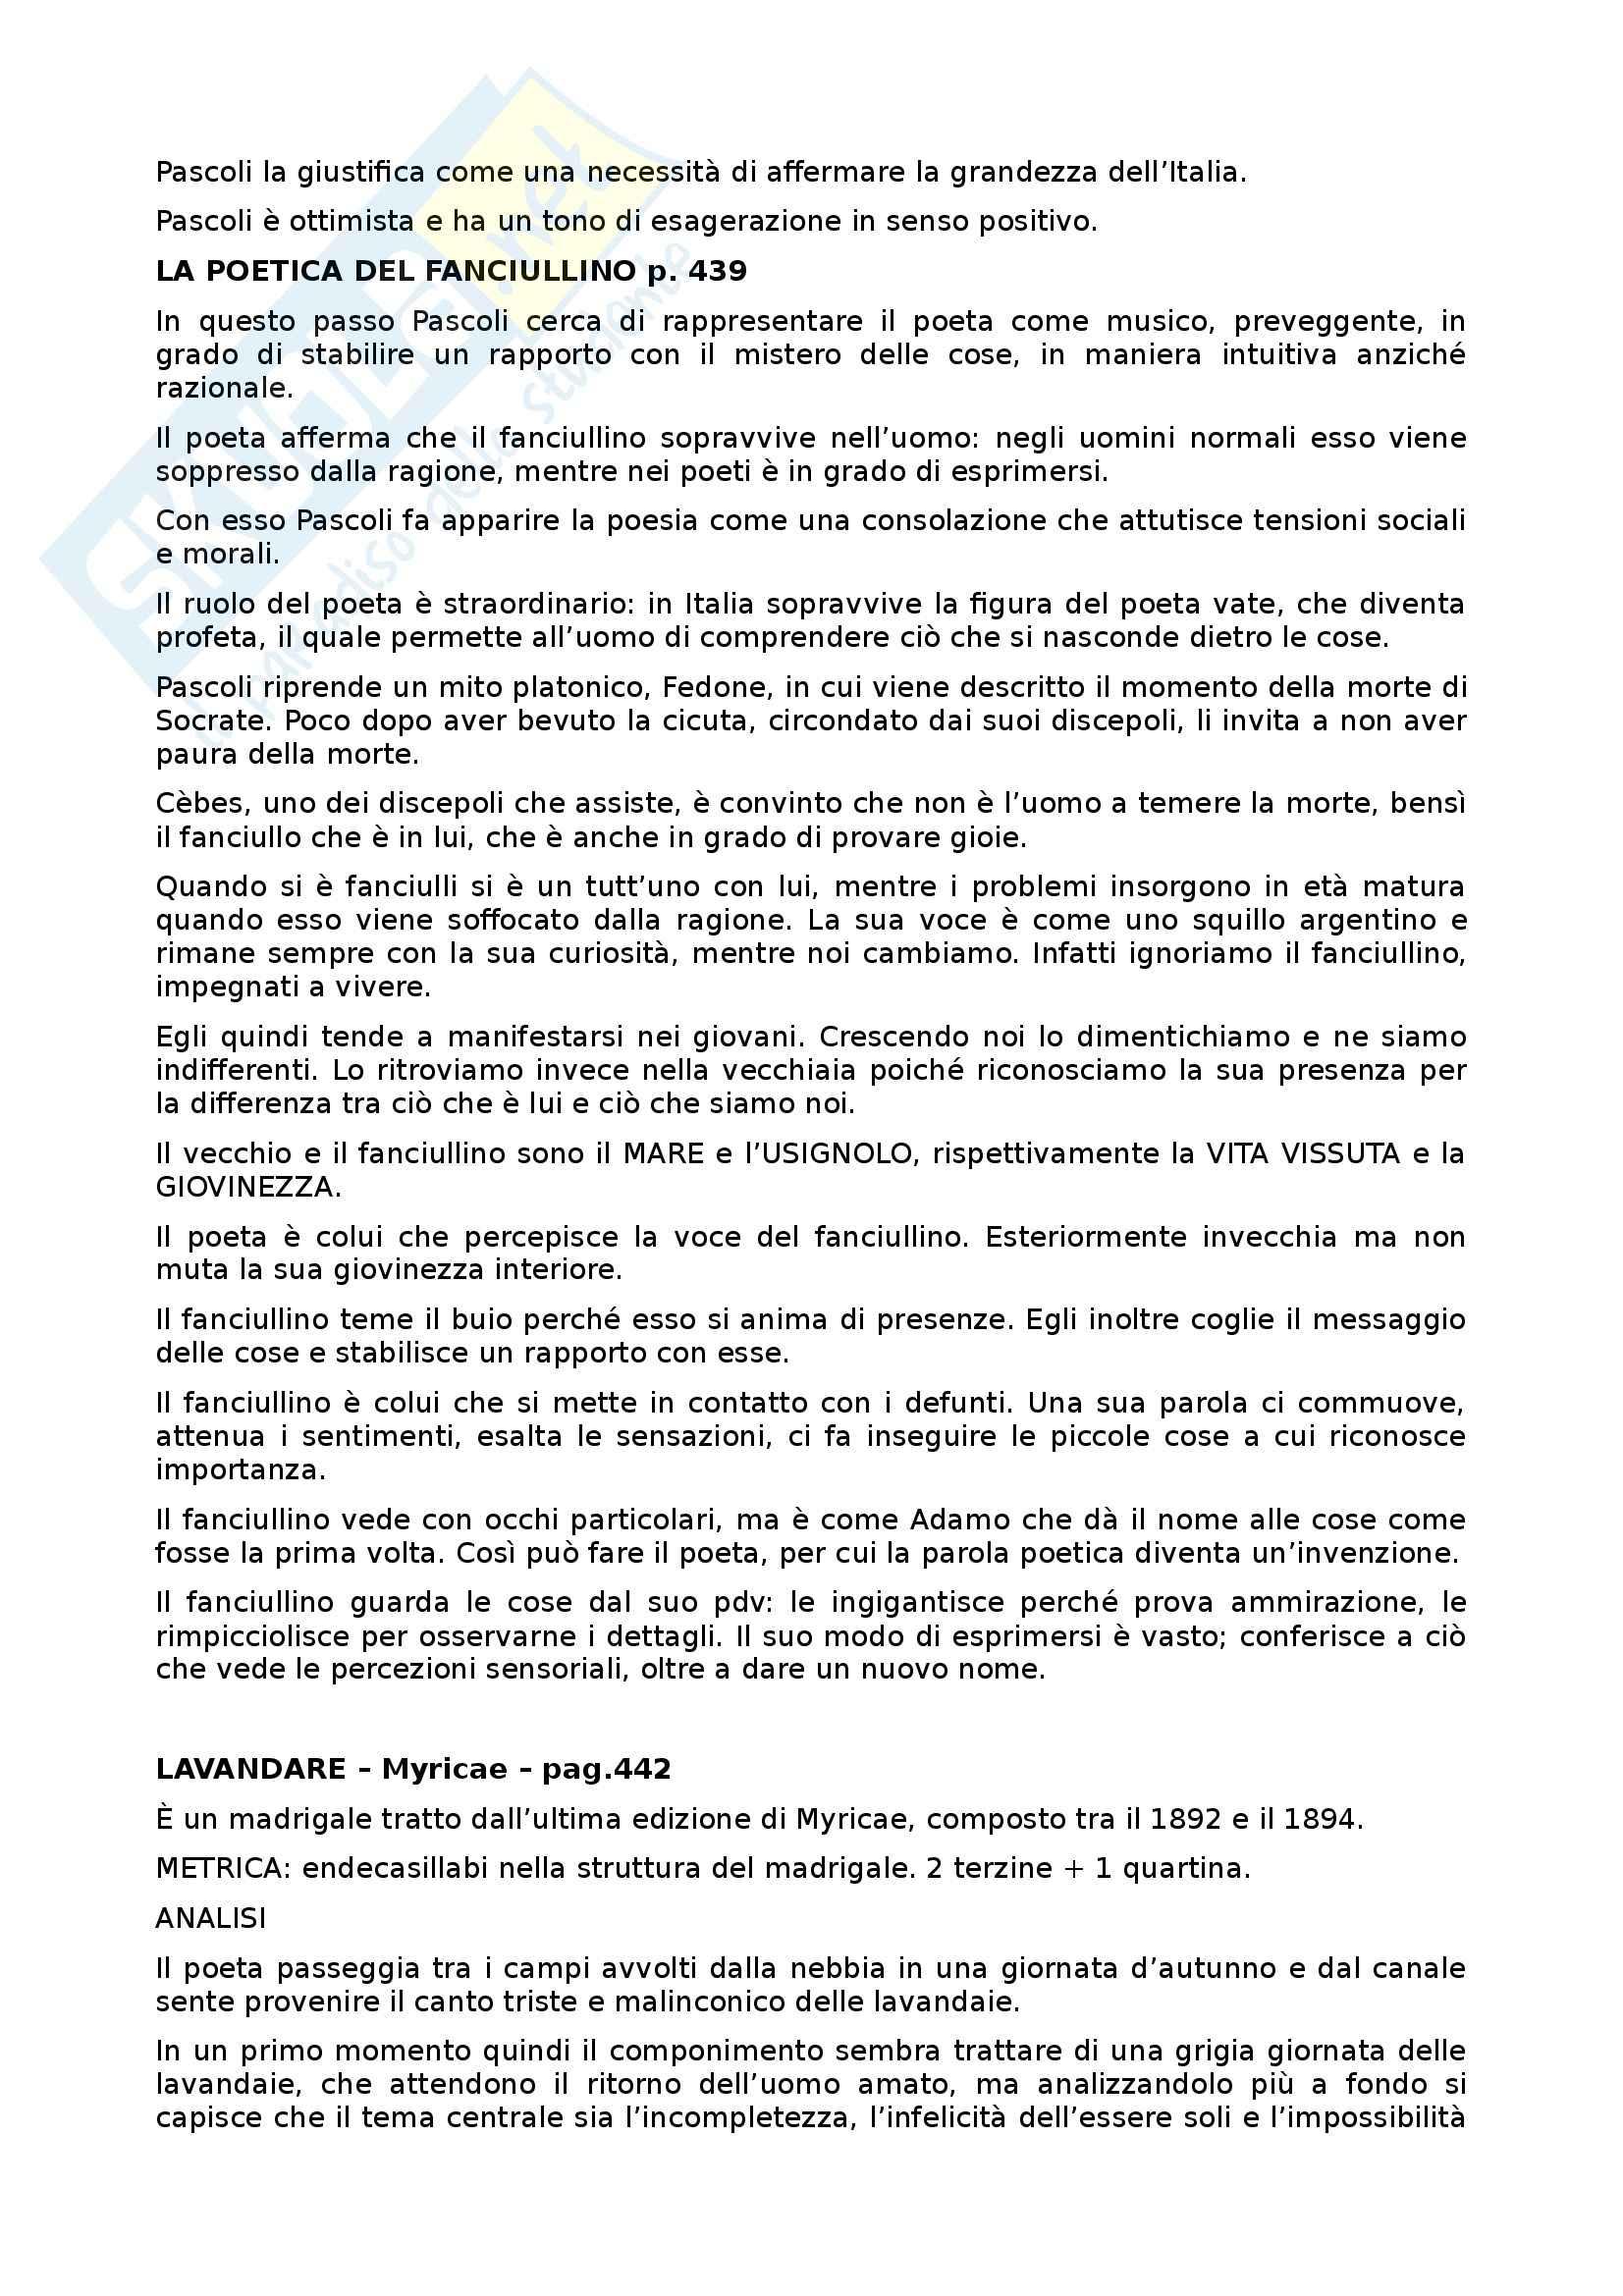 Giovanni Pascoli Vita - Pensiero - Opere analizzate - Appunti Pag. 6